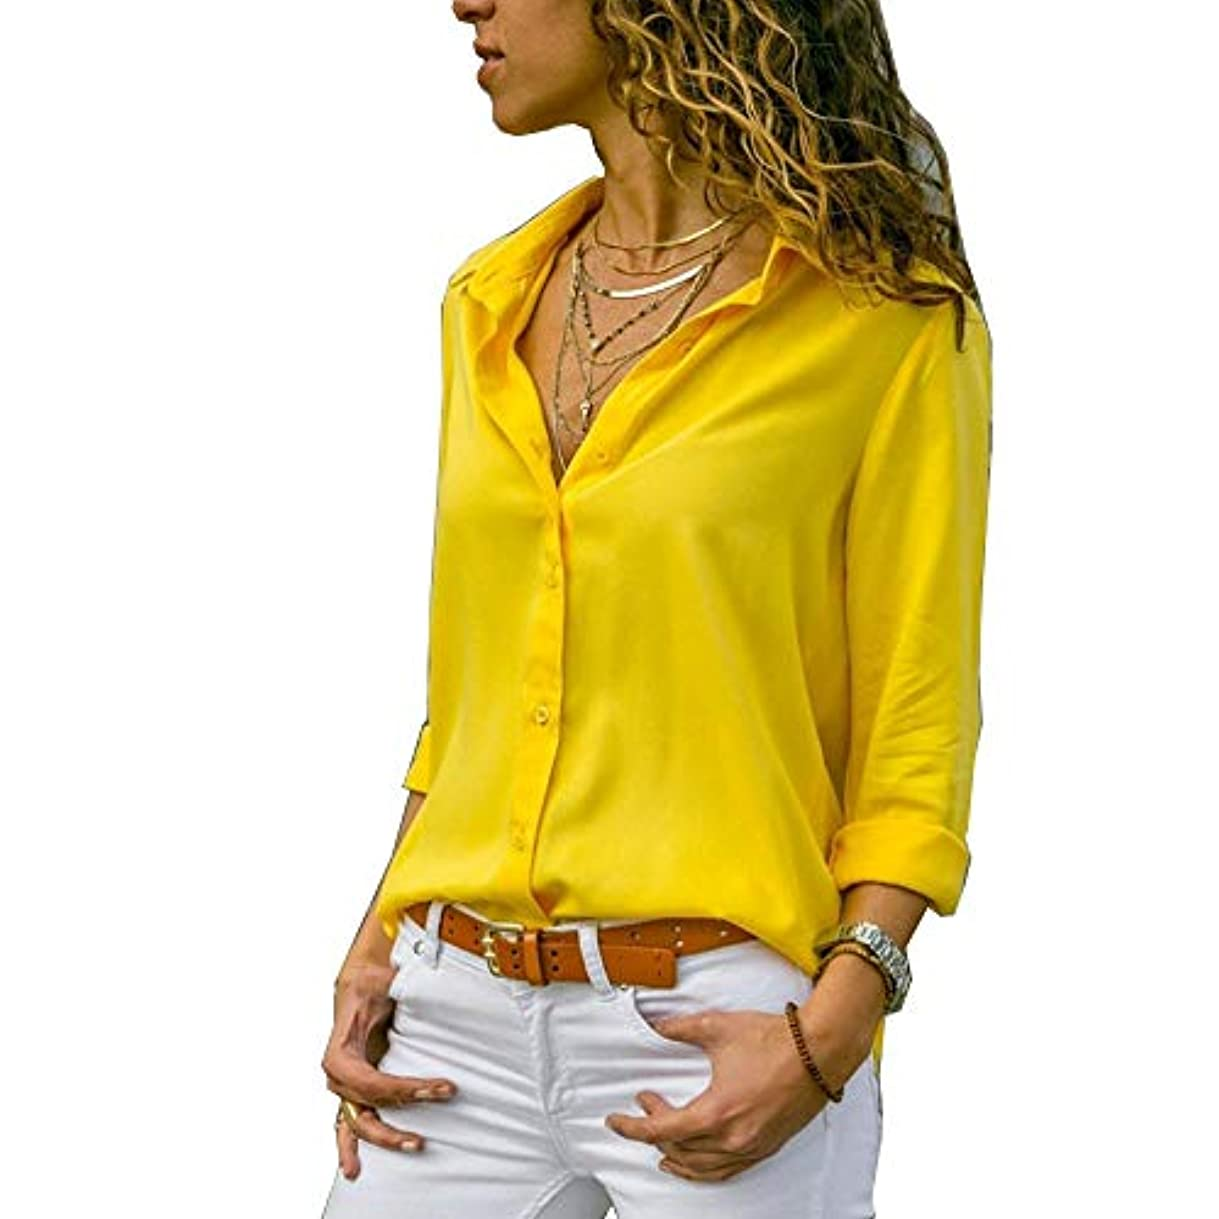 少ないステンレス紳士気取りの、きざなMIFAN ルーズシャツ、トップス&Tシャツ、プラスサイズ、トップス&ブラウス、シフォンブラウス、女性トップス、シフォンシャツ